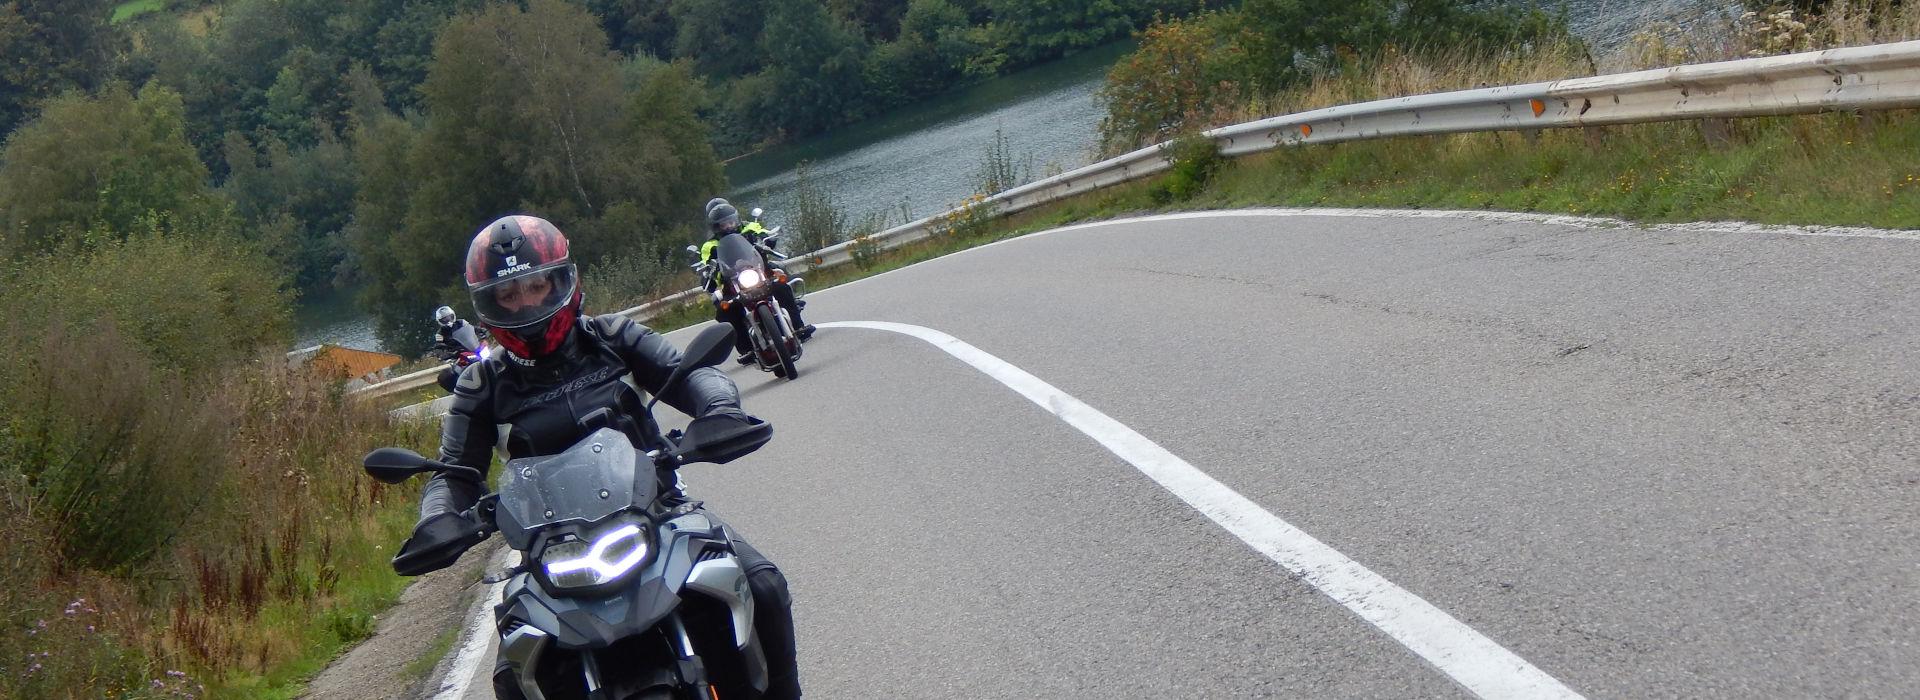 Motorrijbewijspoint Meers motorrijlessen